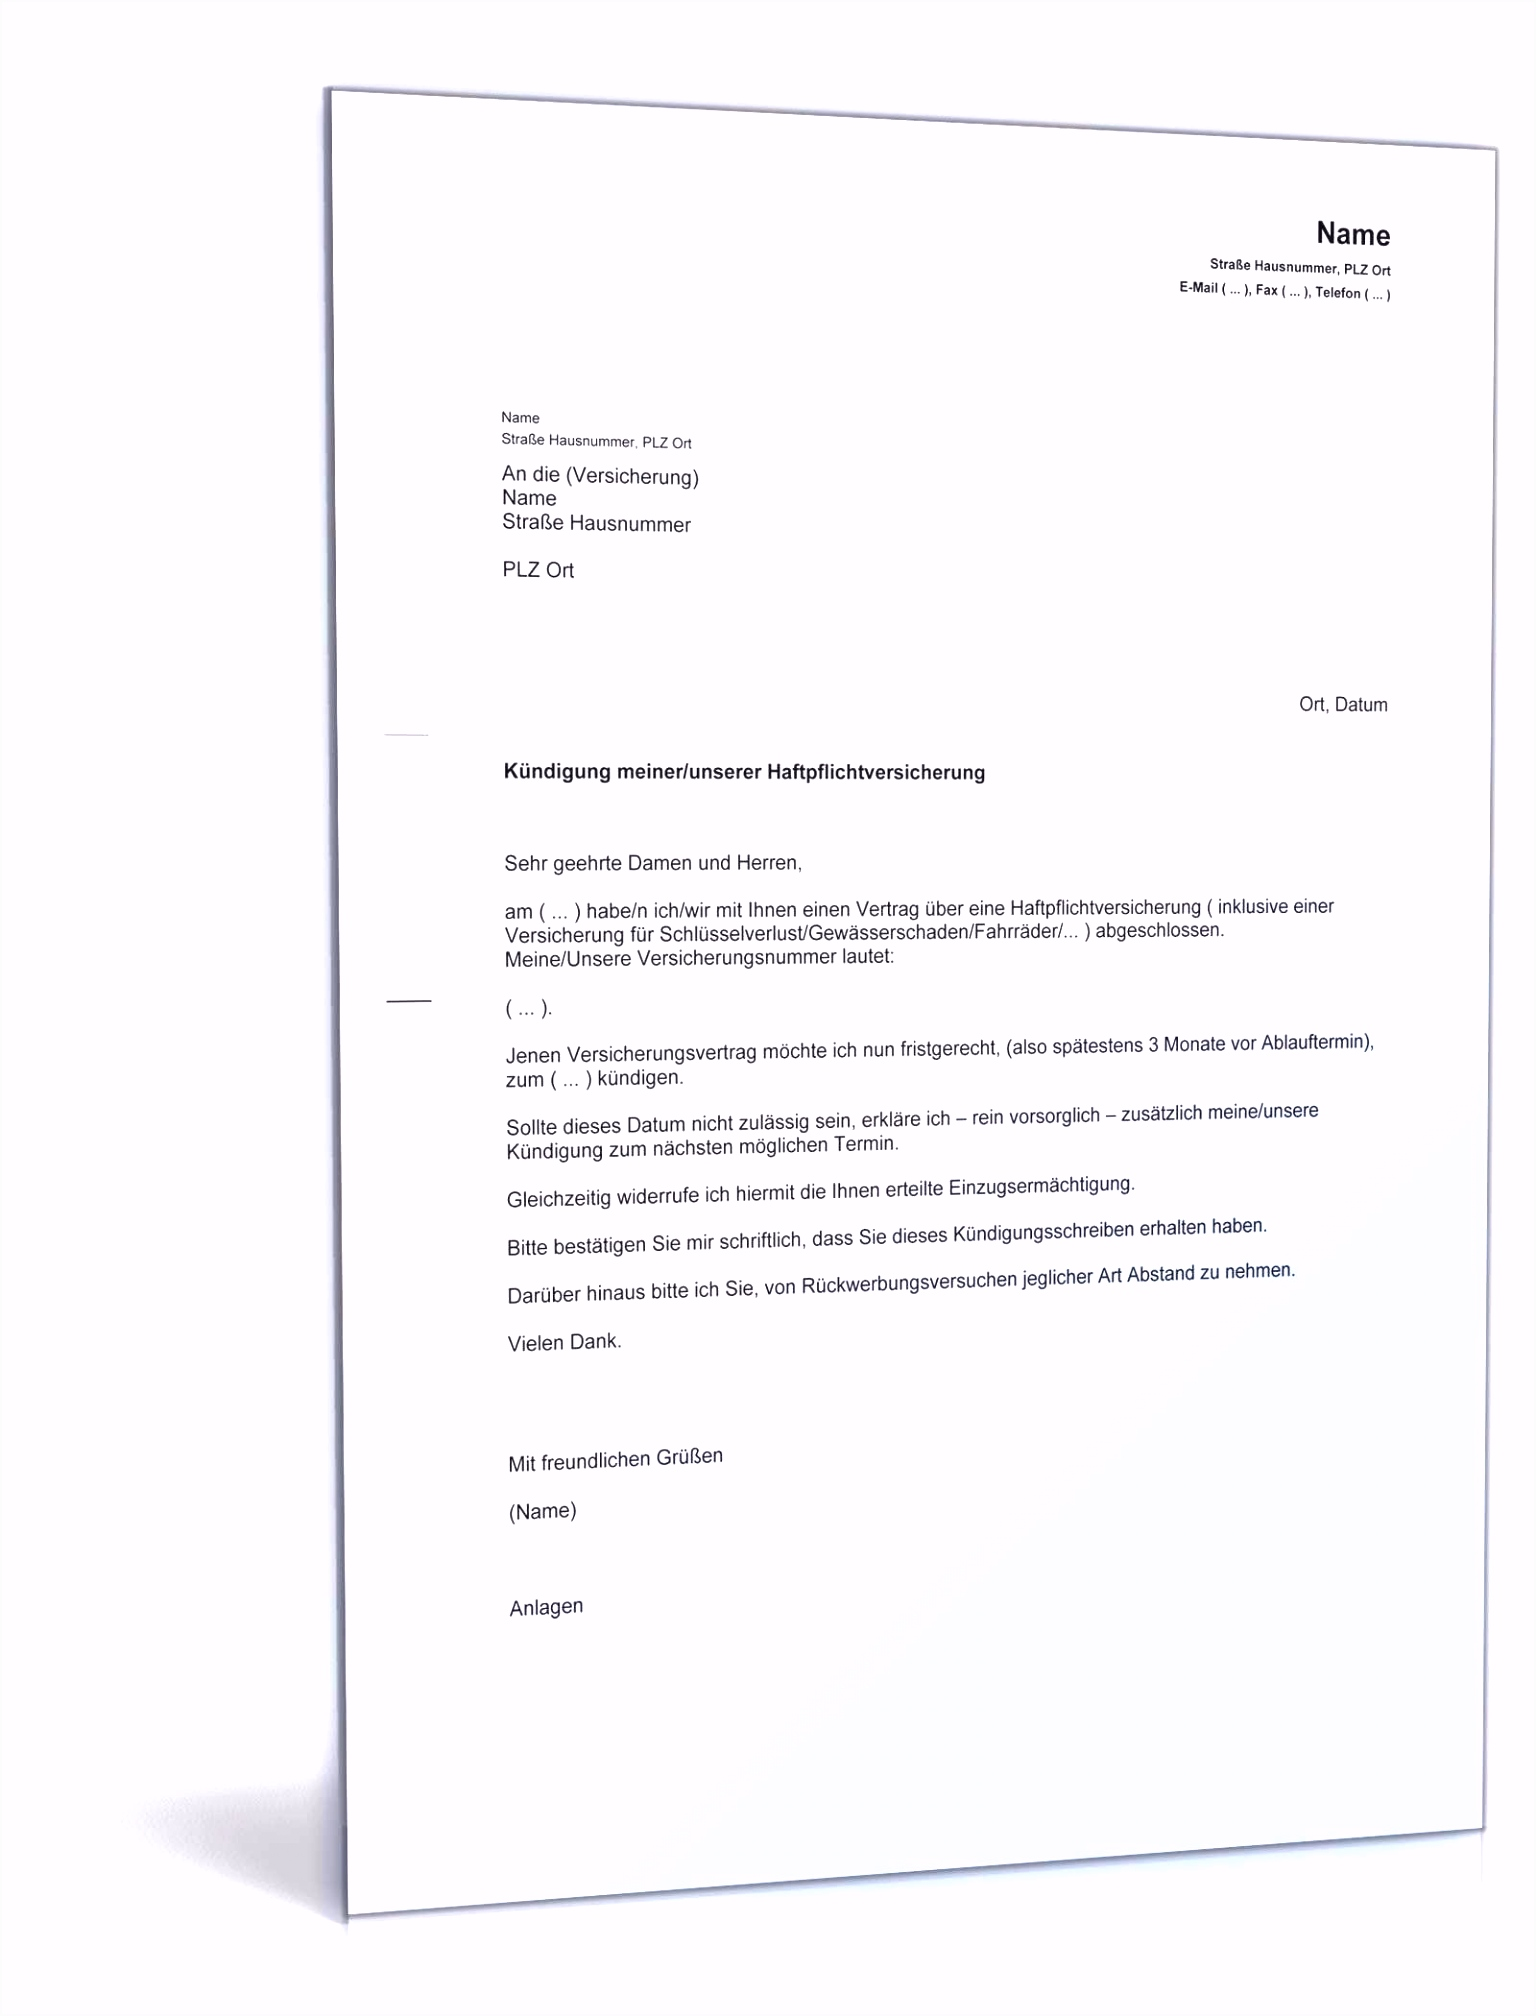 Vorlage Kundigung Hausratversicherung Sammlungen Von Kfz Versicherung Kündigen Carsen L6bs64ykb3 T6pemmlffu